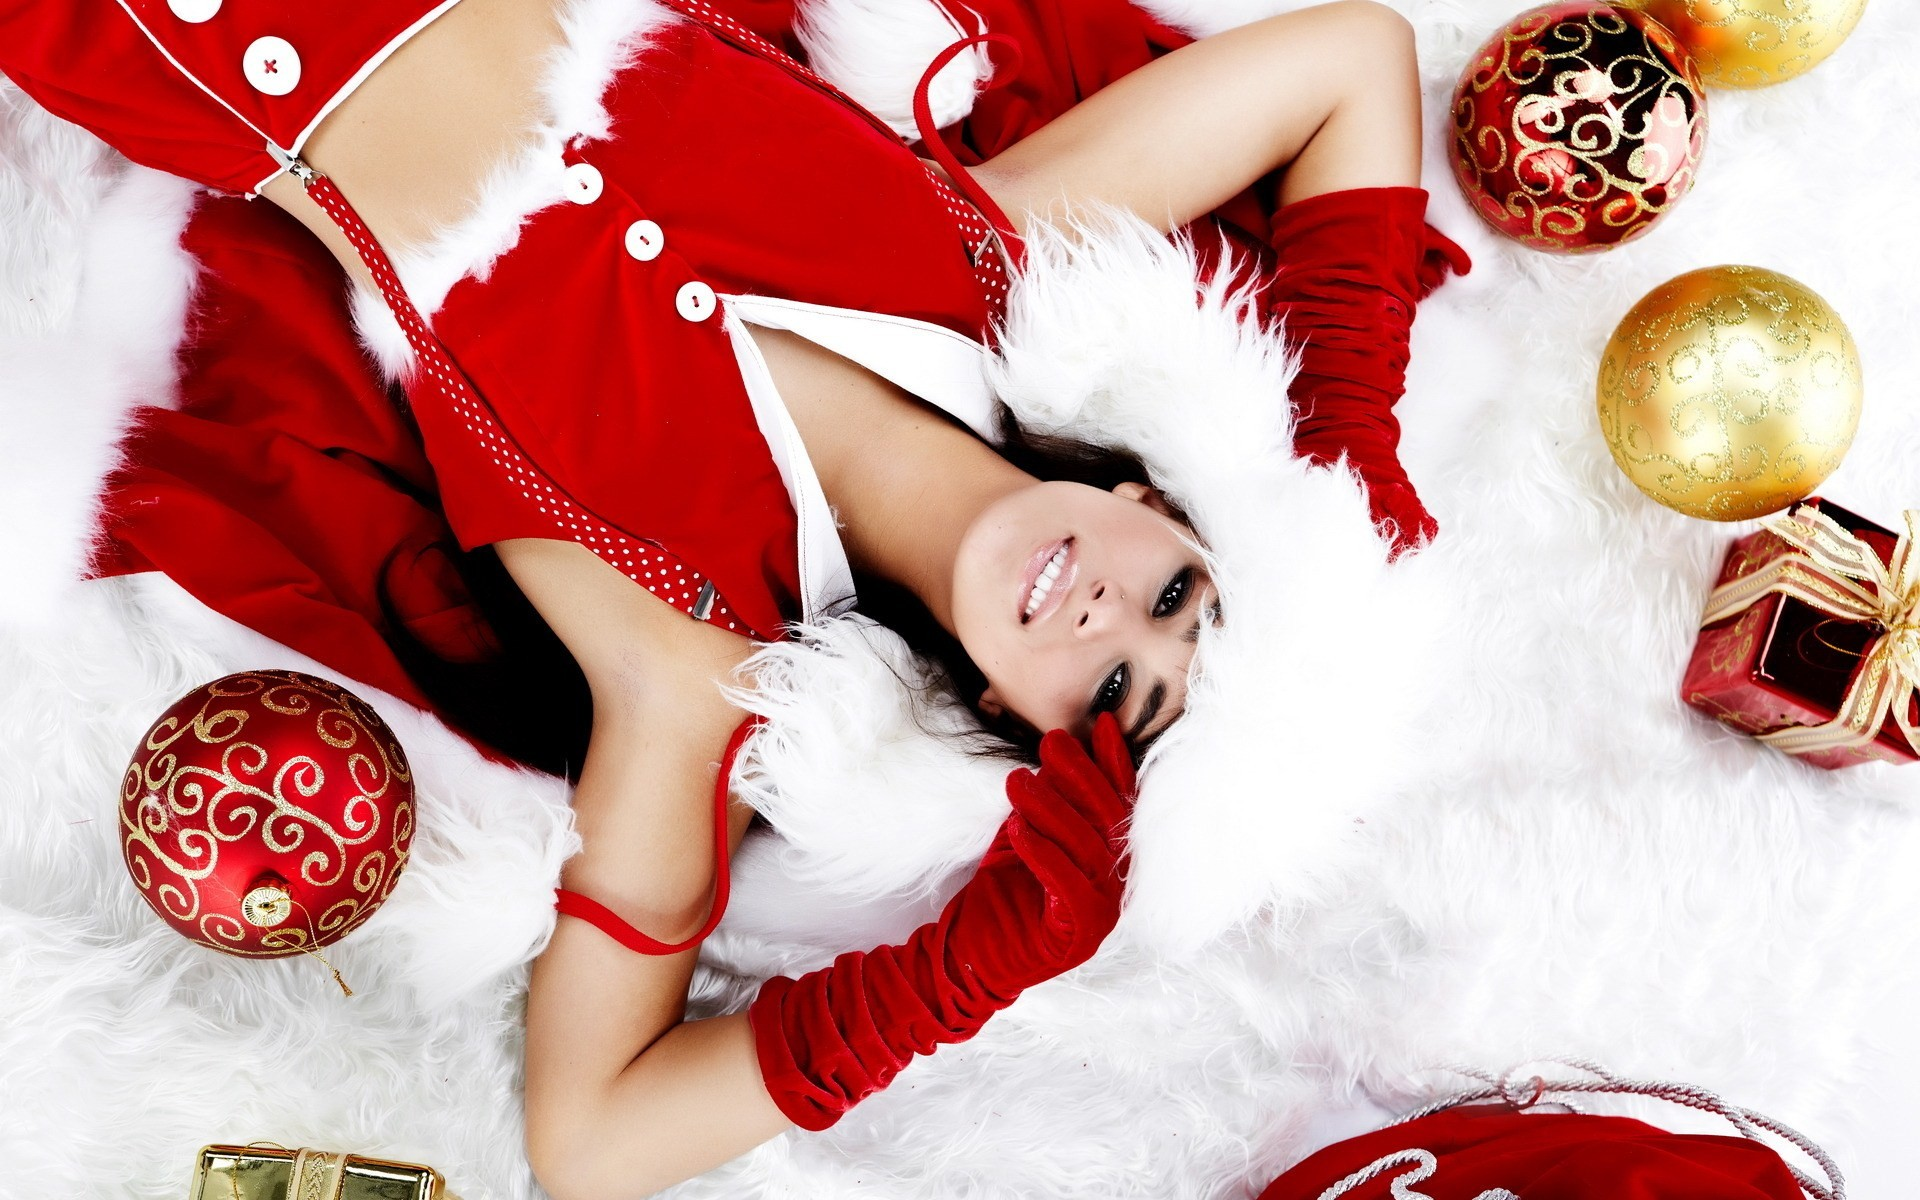 Chicas lindas con regalos para navidad - 1920x1200